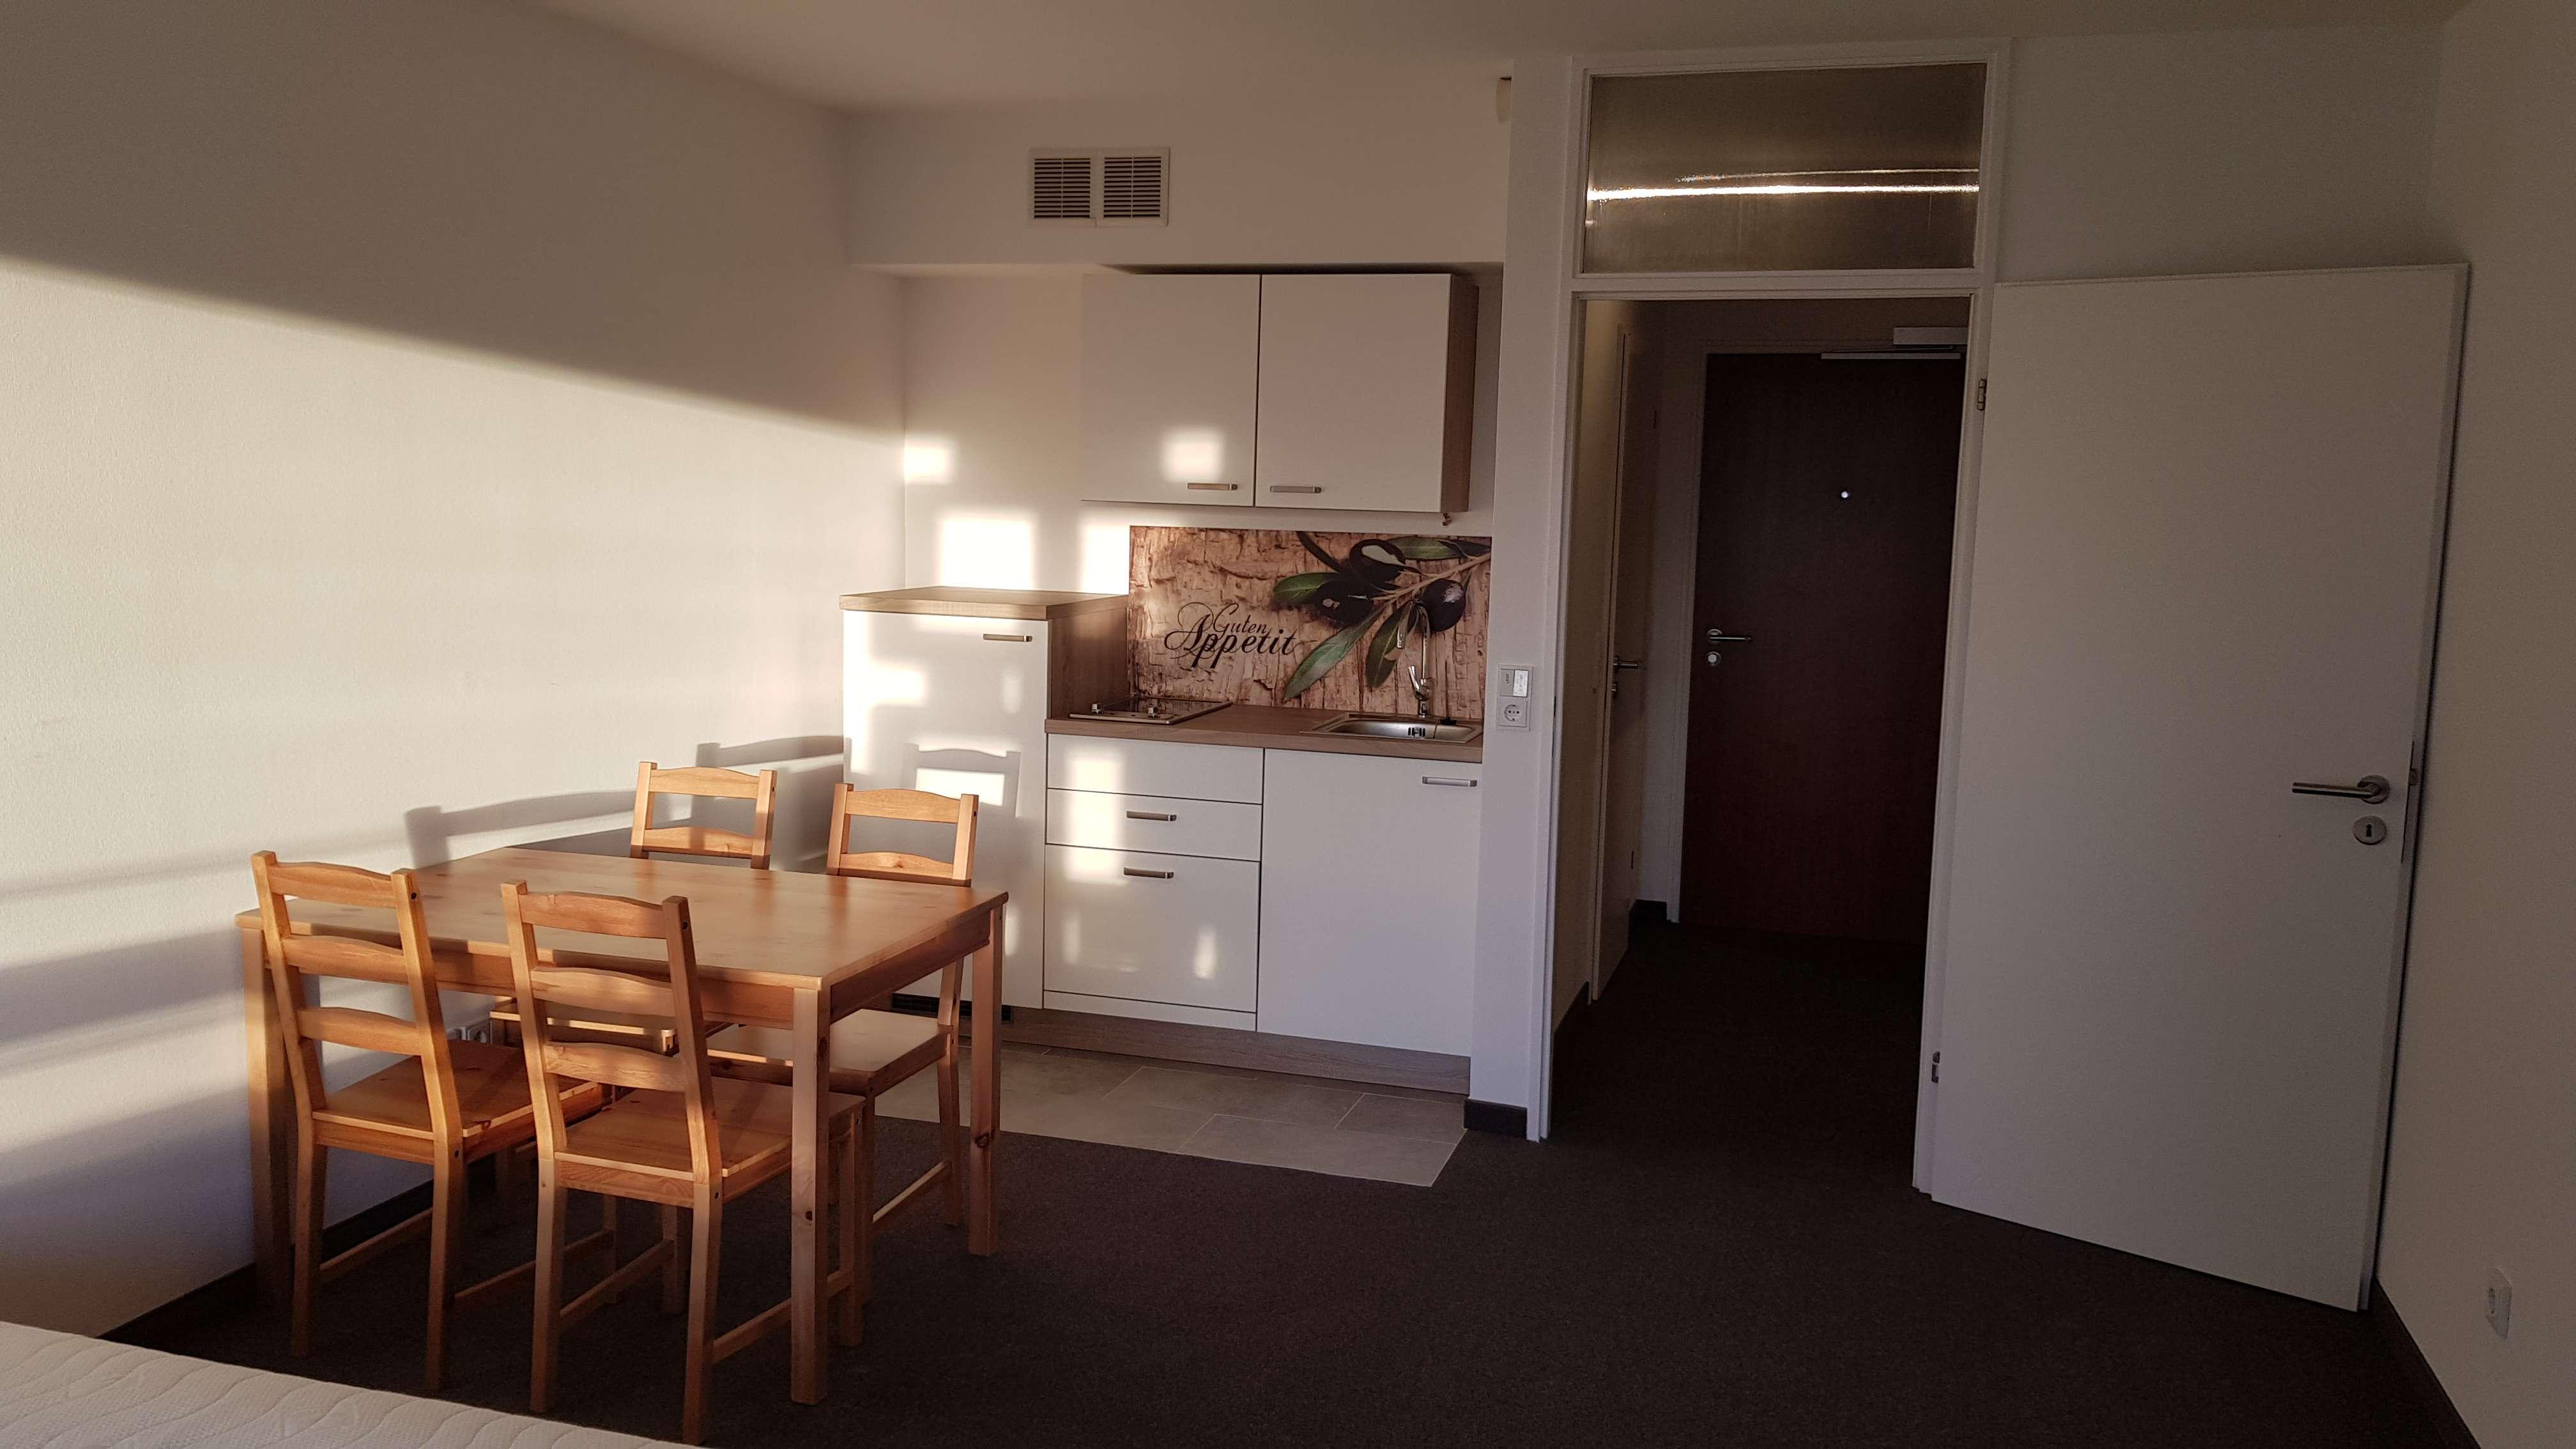 Exklusive 1-Zimmer-Wohnung mit Balkon im Arabellapark (Bogenhausen) zur Untermiete in Bogenhausen (München)